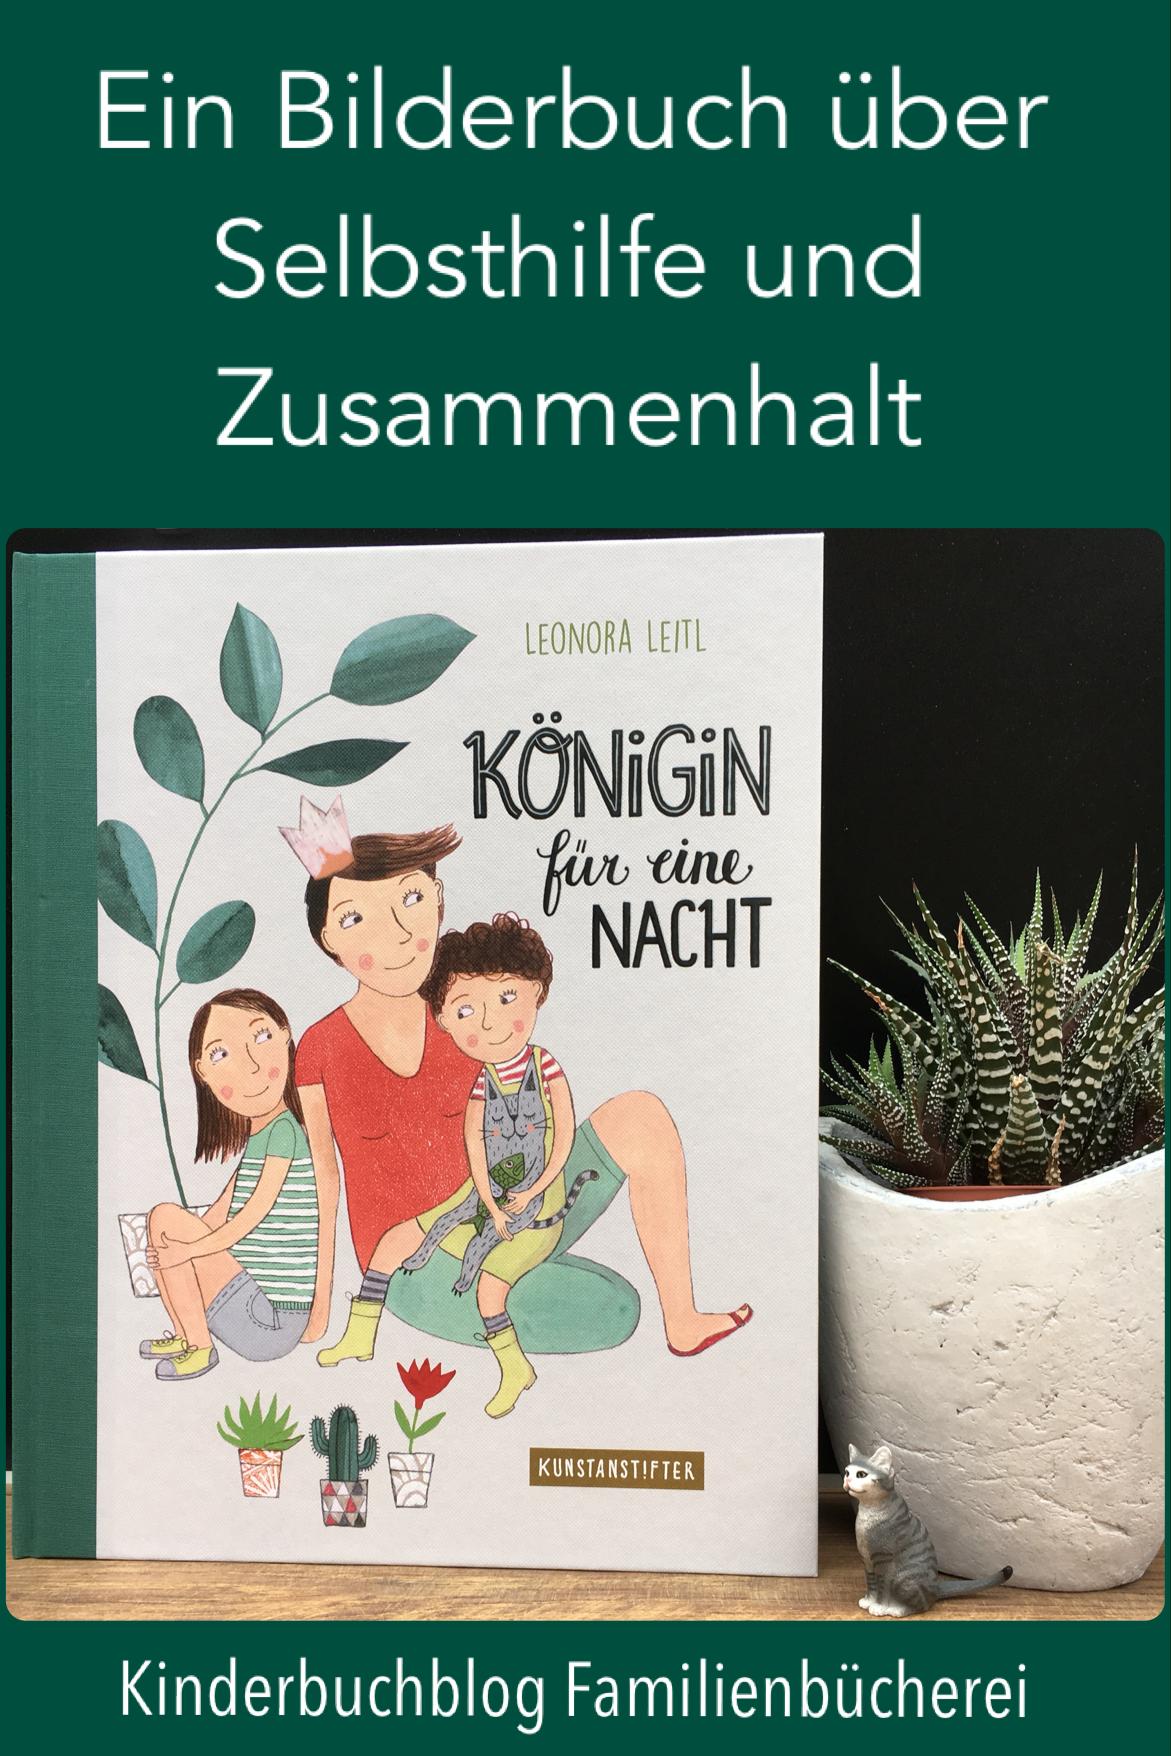 Bilderbuch Tannenbaum.Königin Für Eine Nacht Kinderbuchblog Familienbuecherei Unsere